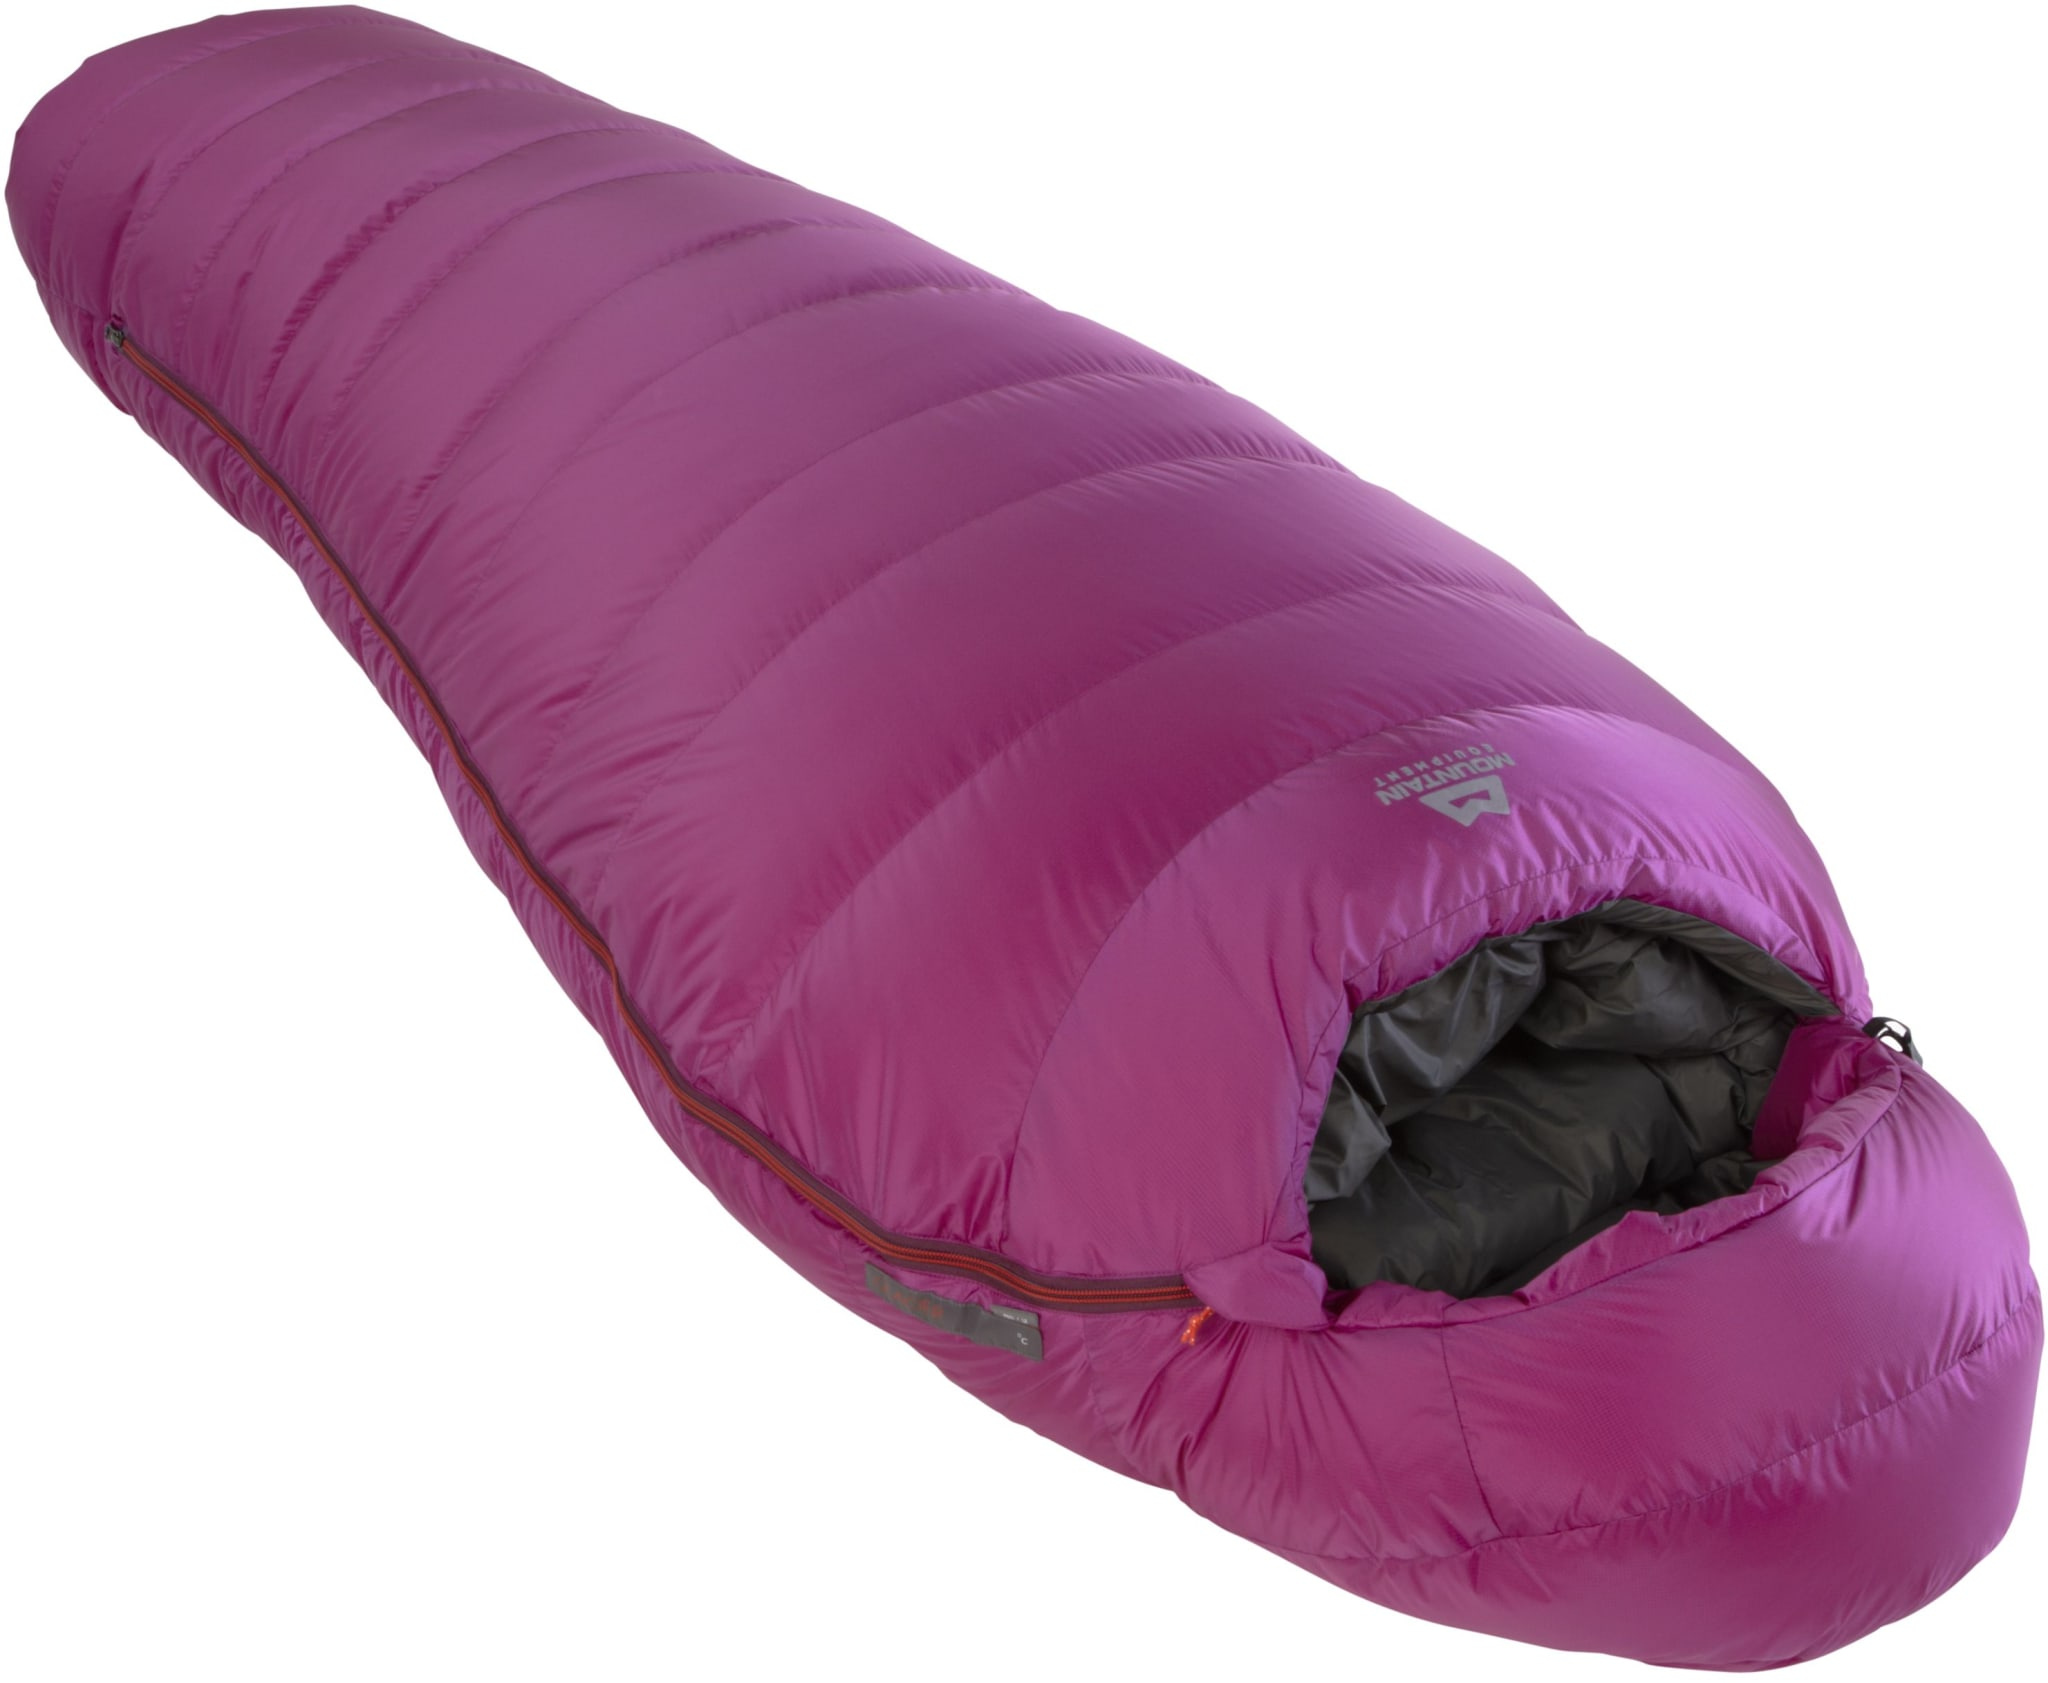 Varm dunpose med god plass for vår, sommer og høst